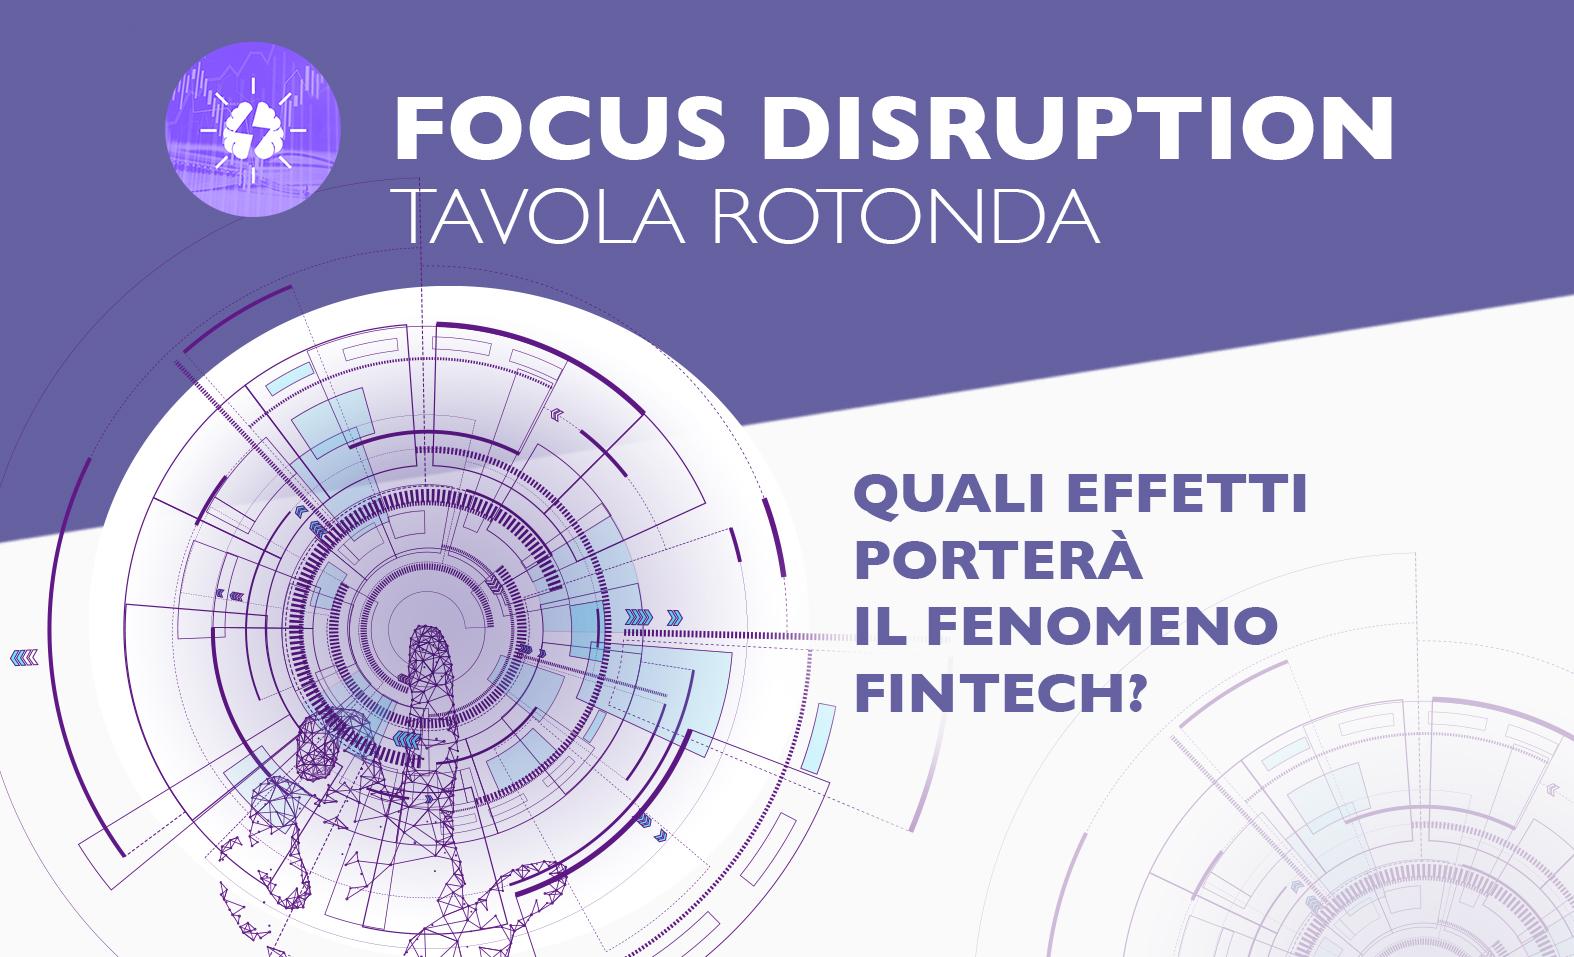 Focus disruption: una grande sfida